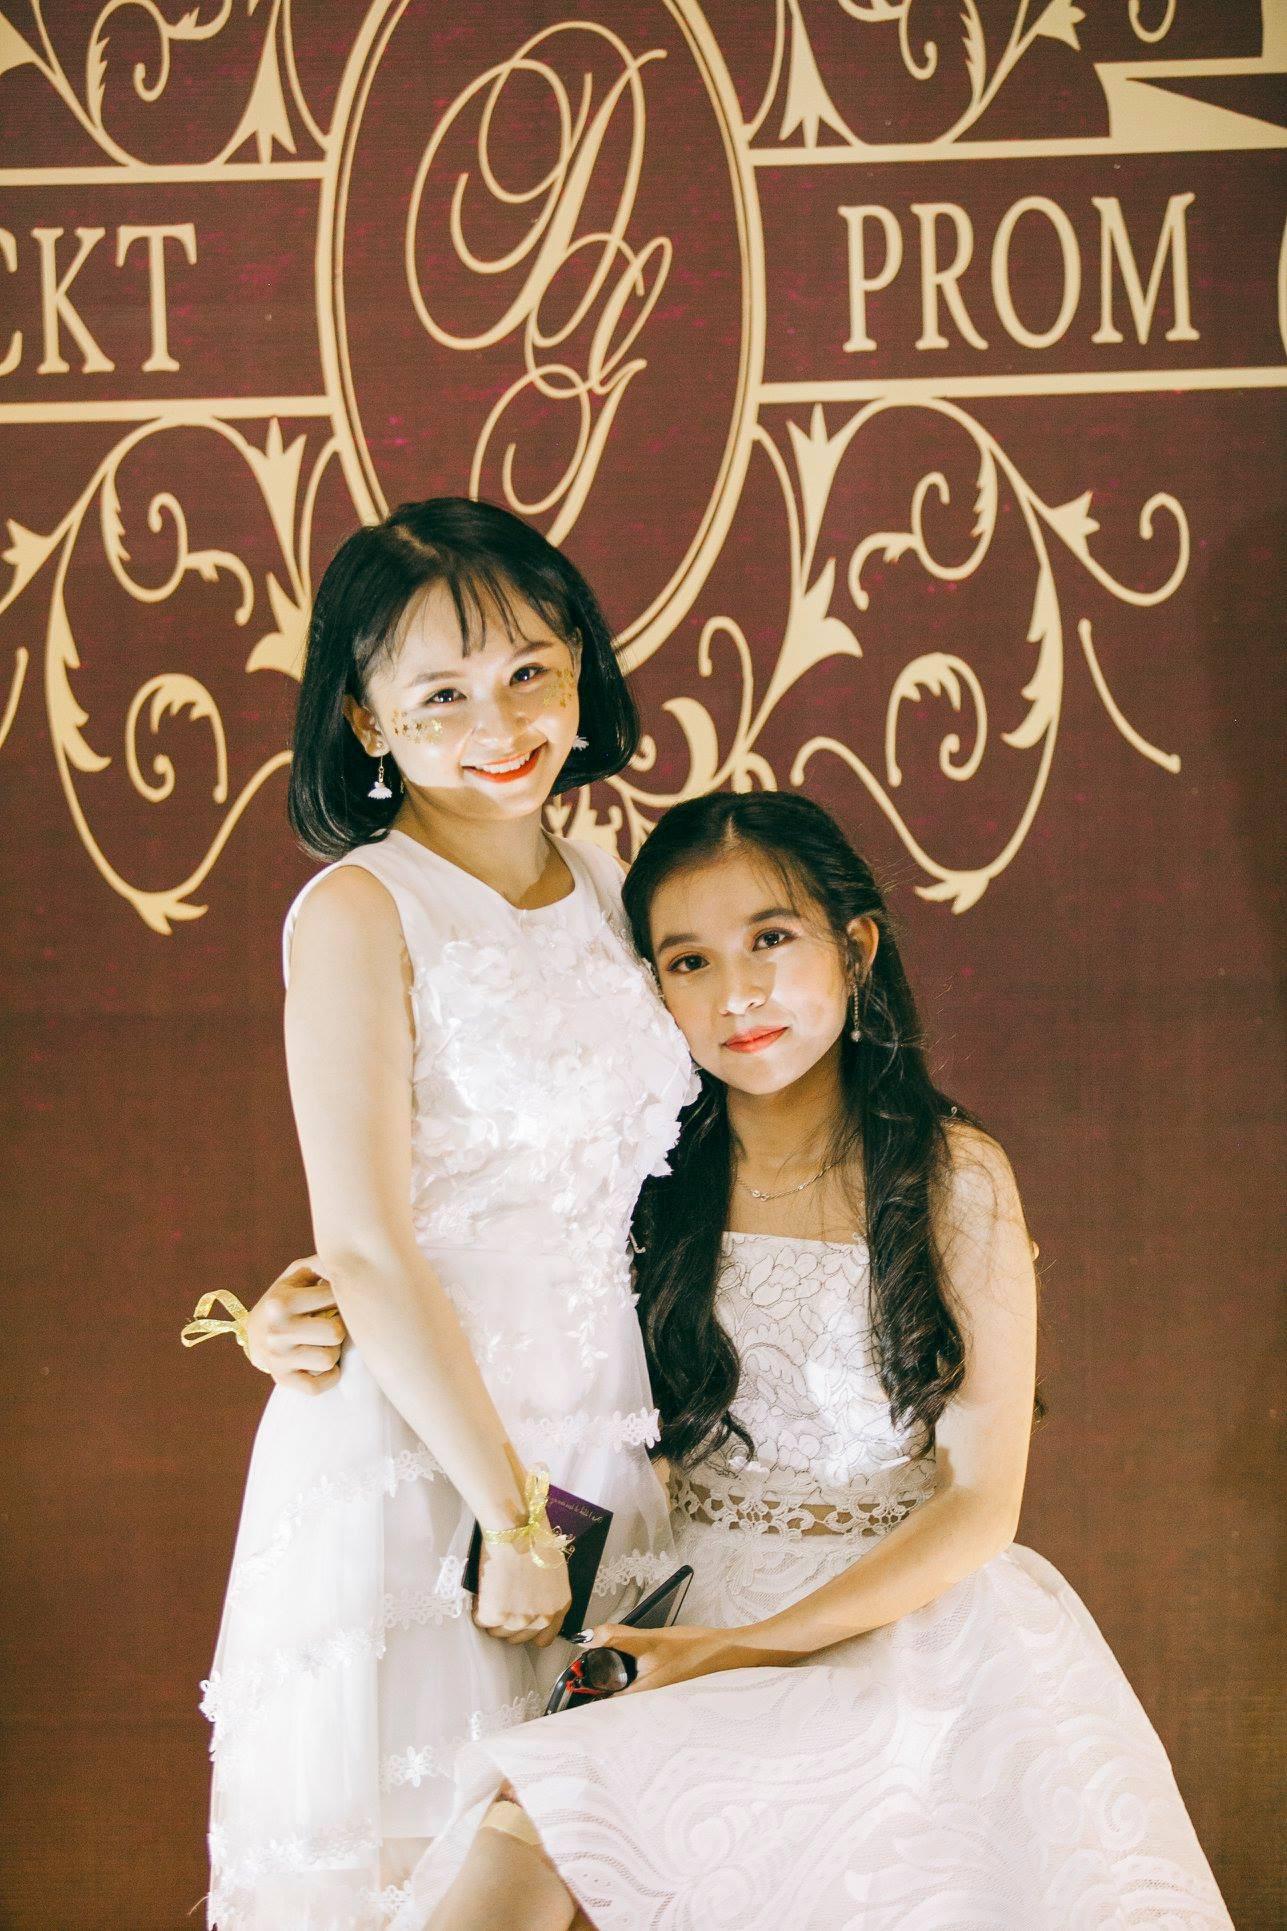 Không chỉ RMIT, trường chuyên phố núi Kon Tum cũng khiến chúng ta đã mắt với dàn trai xinh gái đẹp trong tiệc prom - Ảnh 17.